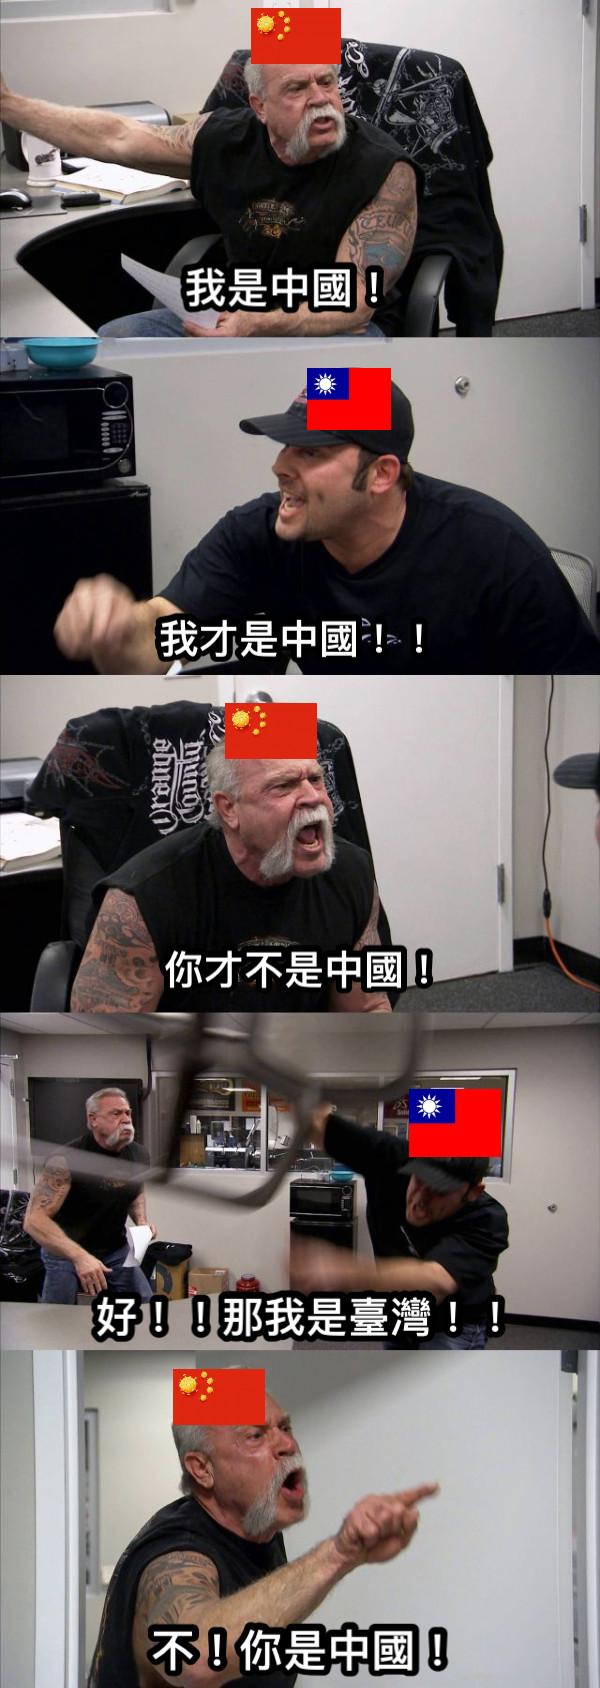 我是中國! 我才是中國!! 你才不是中國! 好!!那我是臺灣!! 不!你是中國!